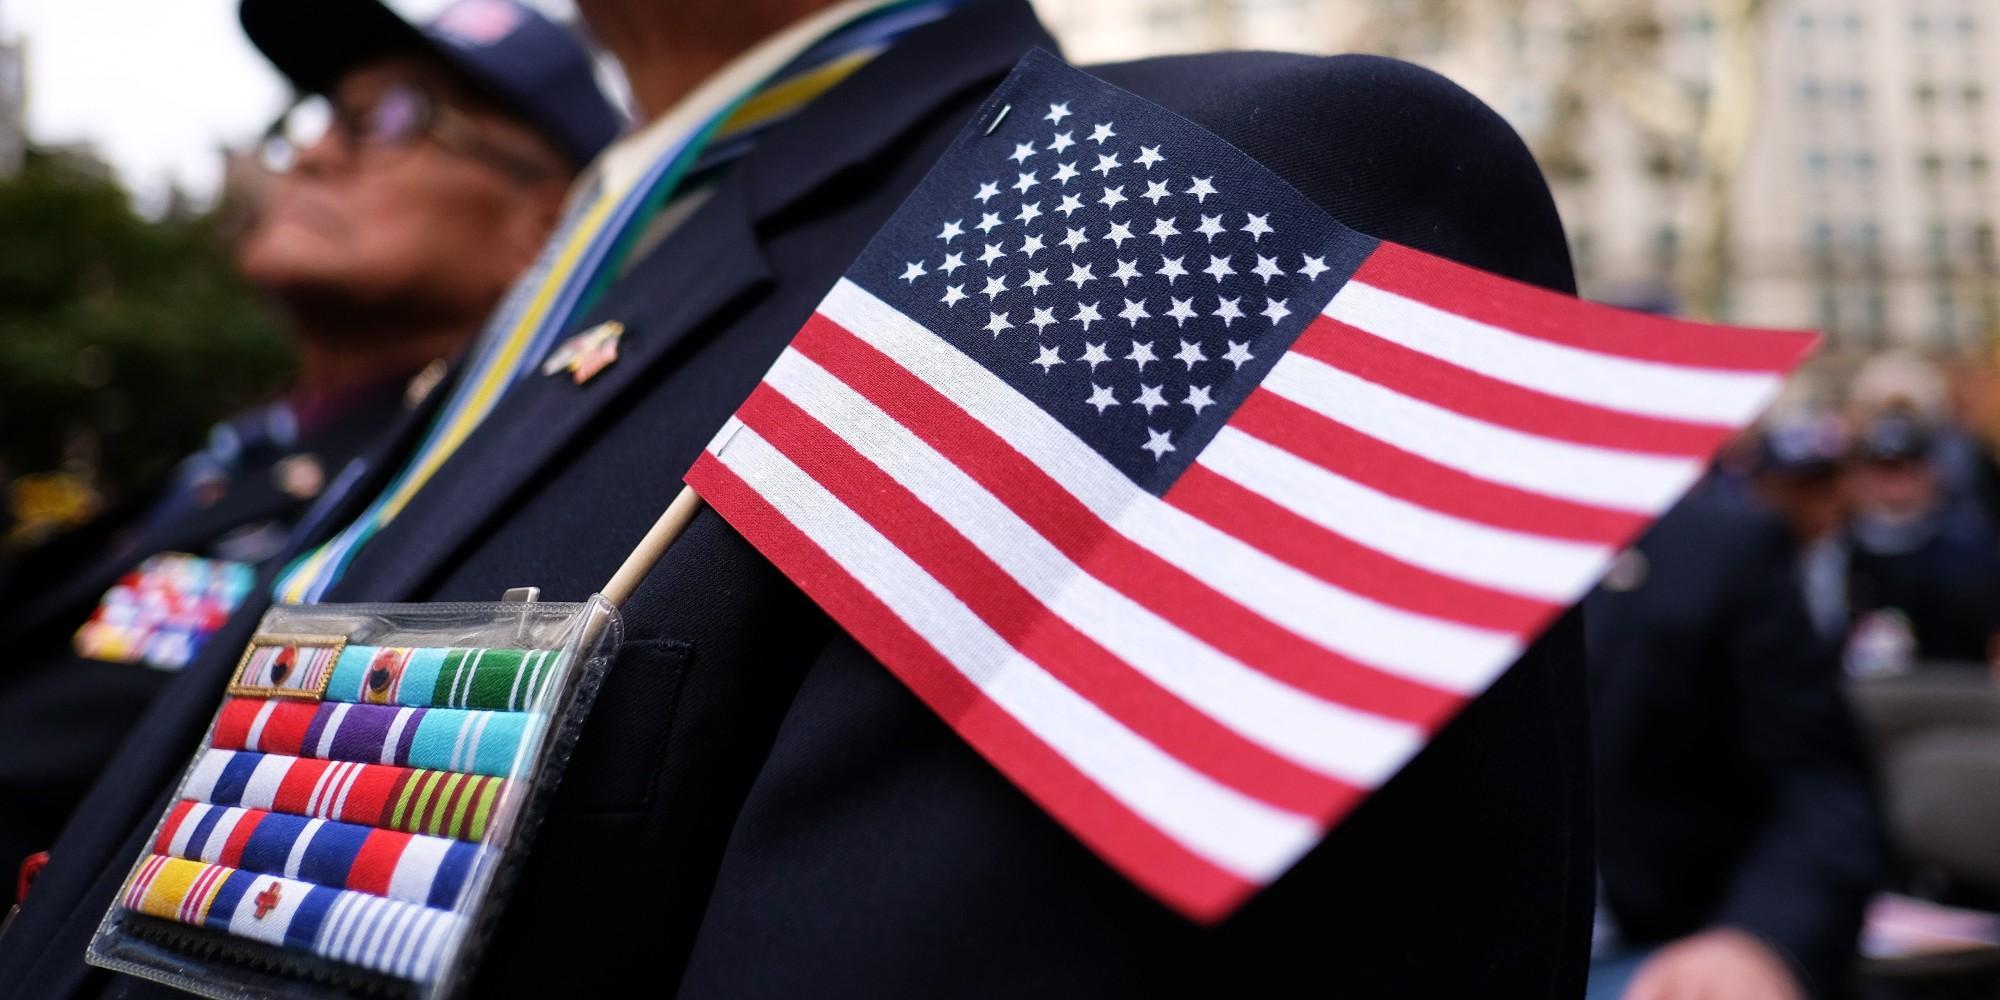 Veterans Day Dragon Veterans Day Across The